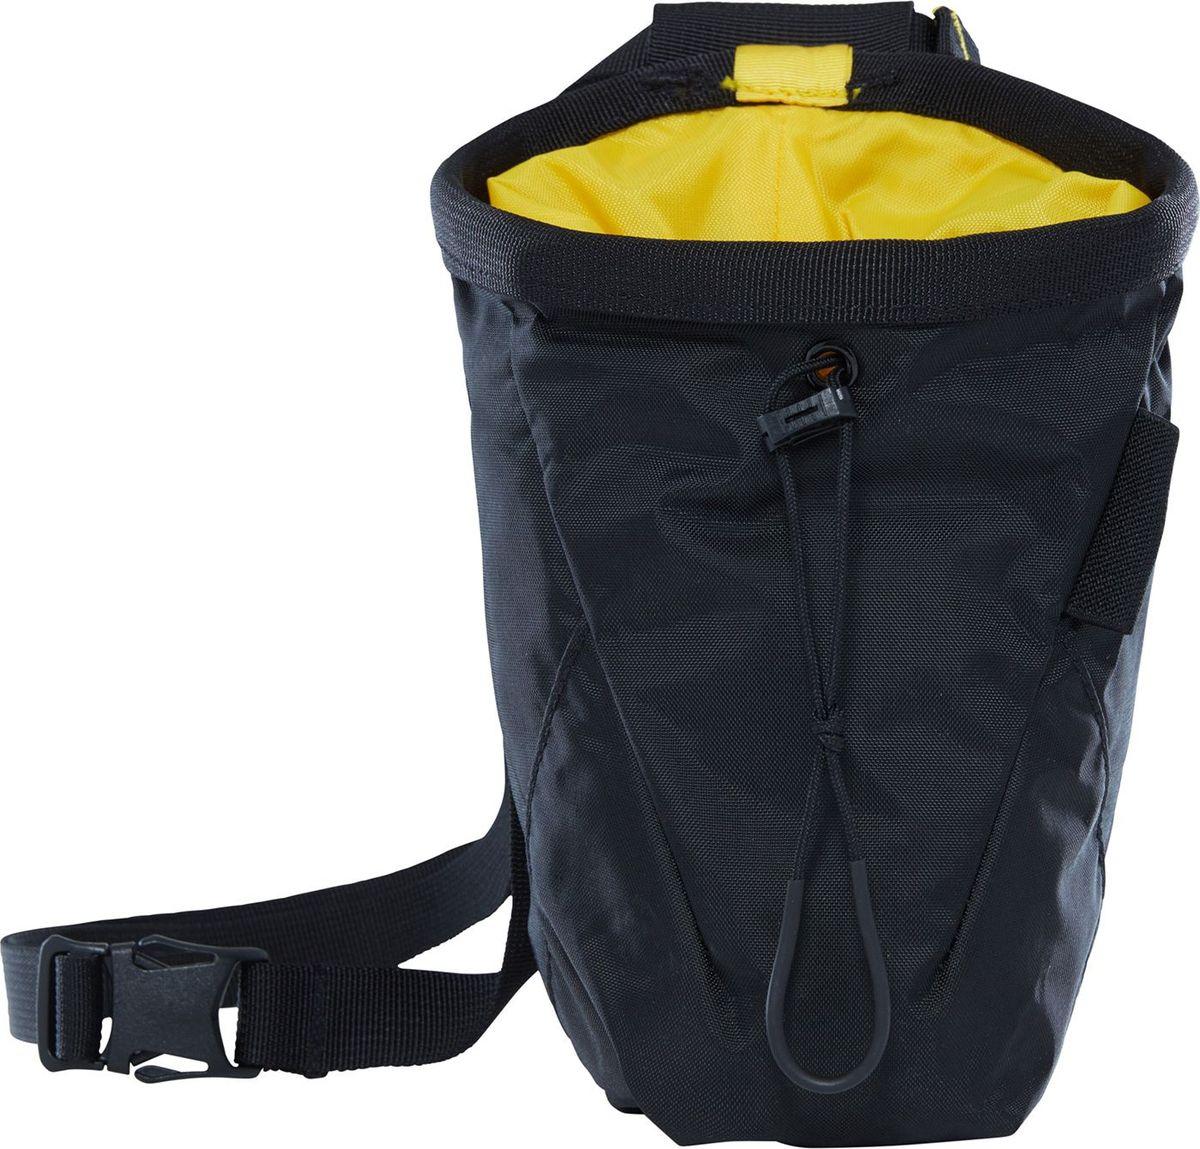 Прочный, но легкий мешочек для магнезии с карбоновым покрытием. Небольшой карман на  молнии для мелочей.